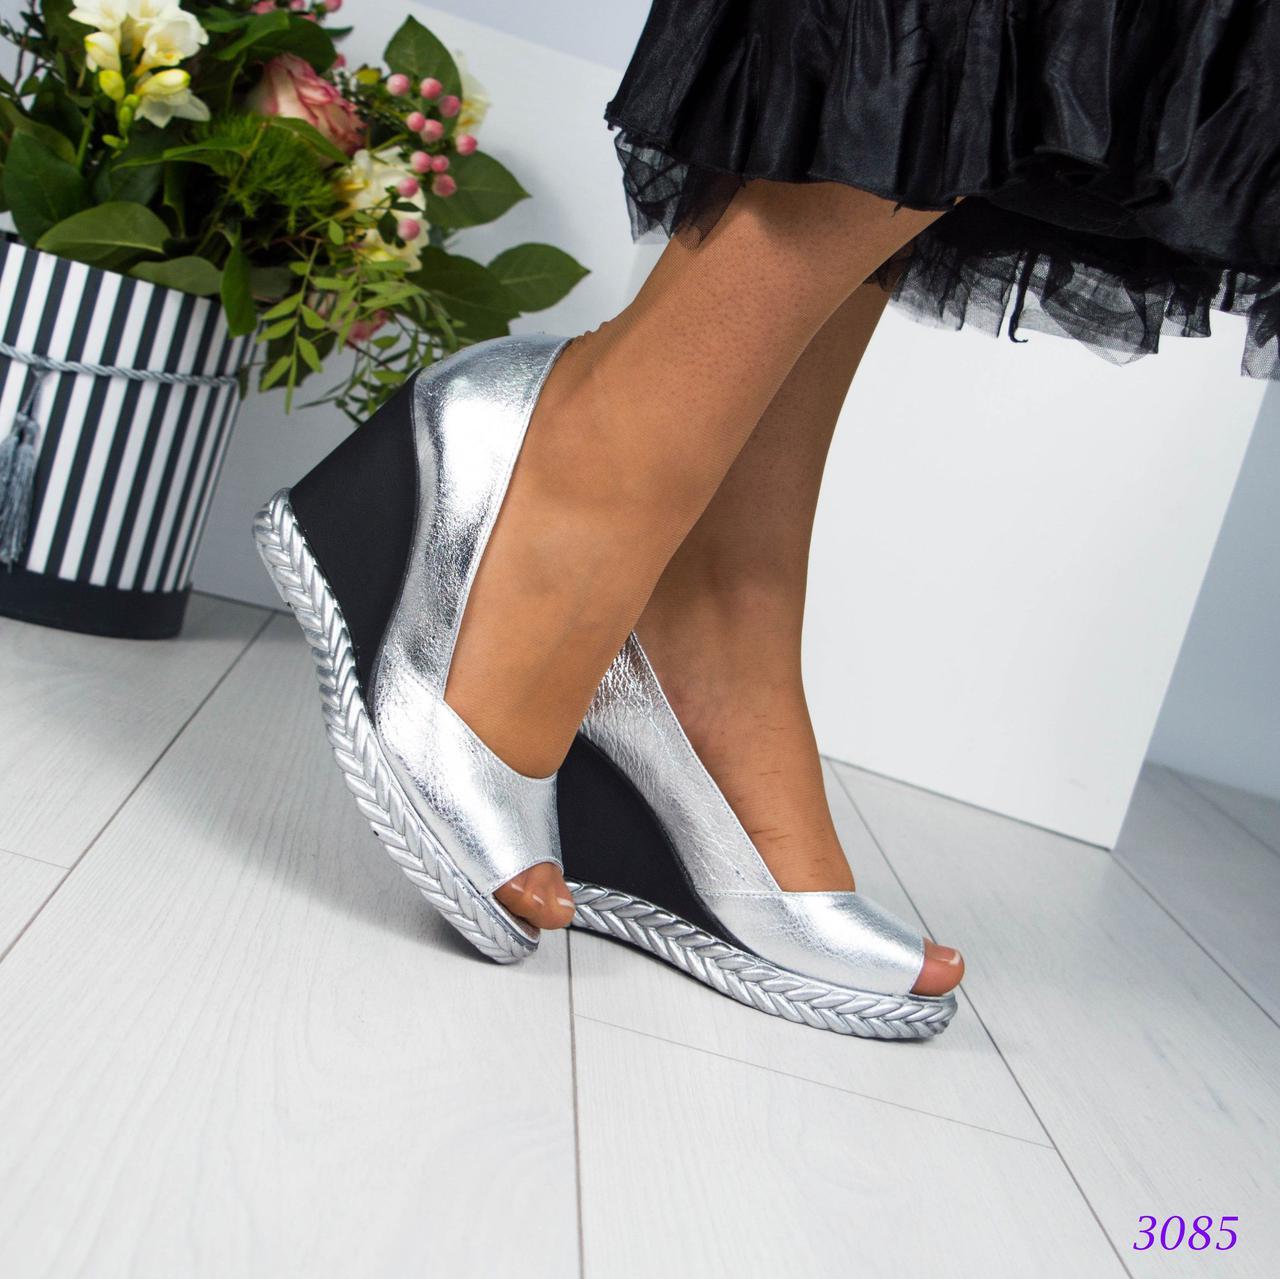 Шикарные туфли на танкетке с открытыми пальчиками